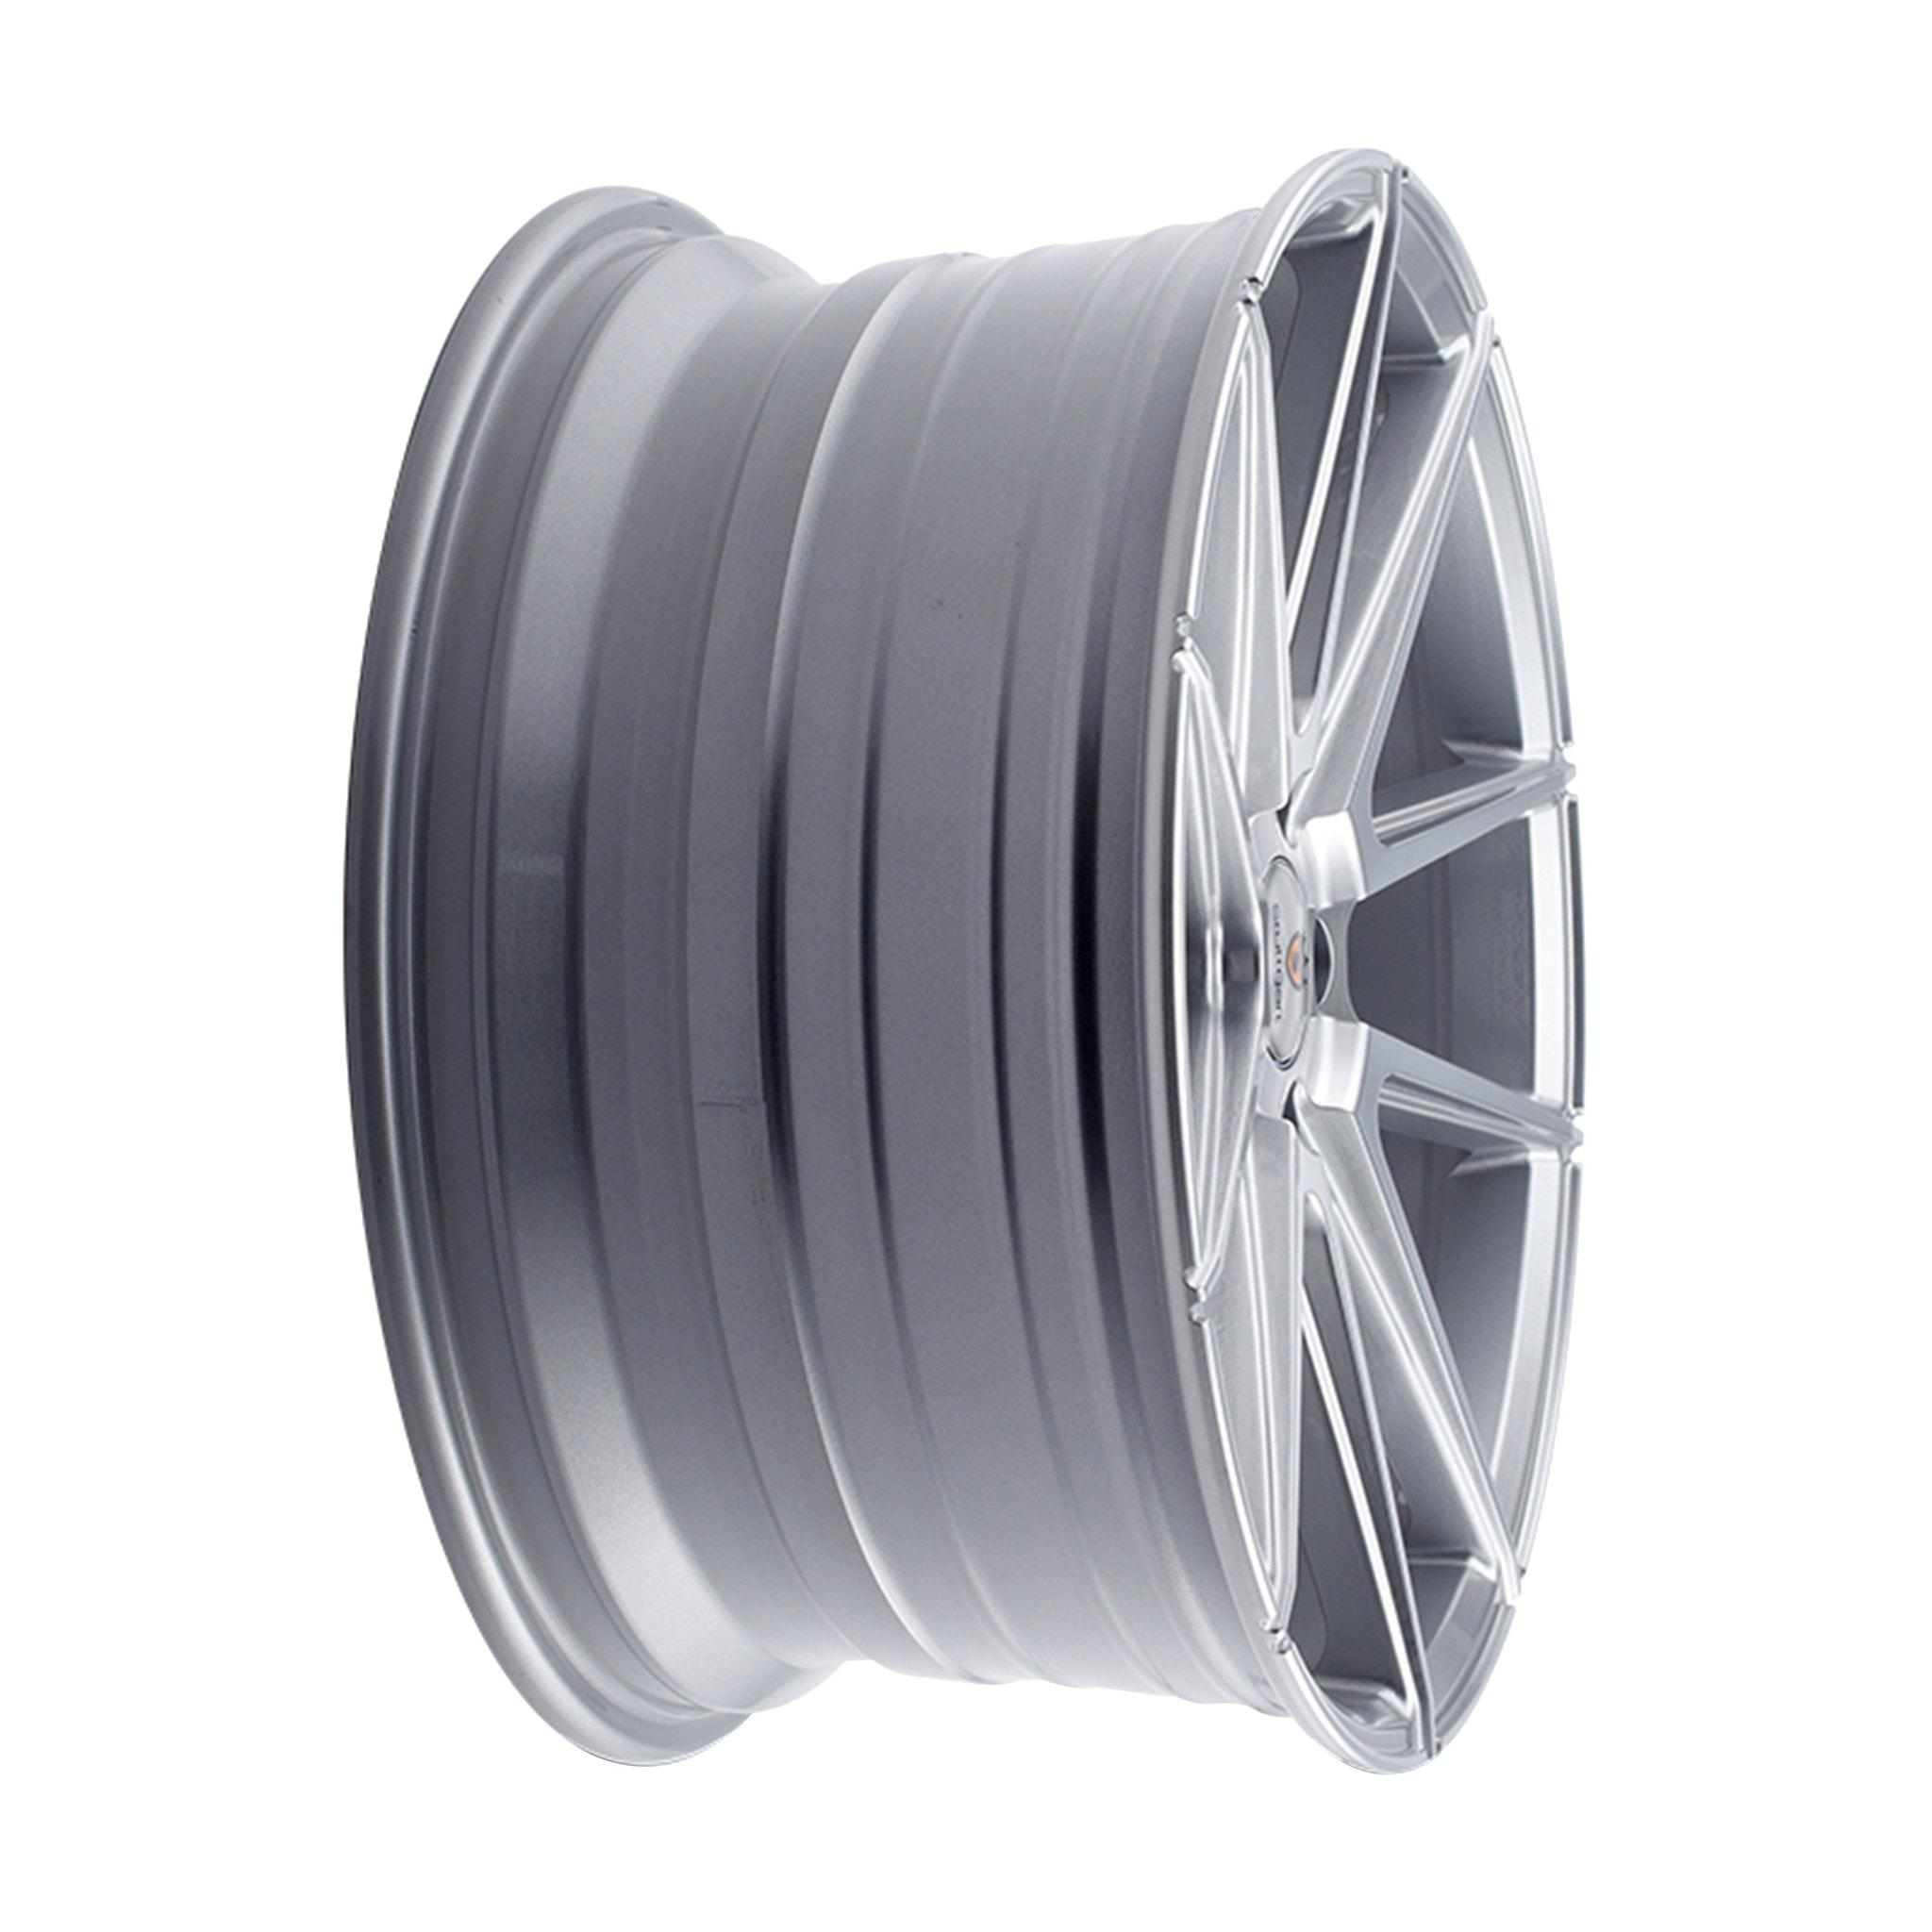 Stuttgart ST9 light alloy wheels